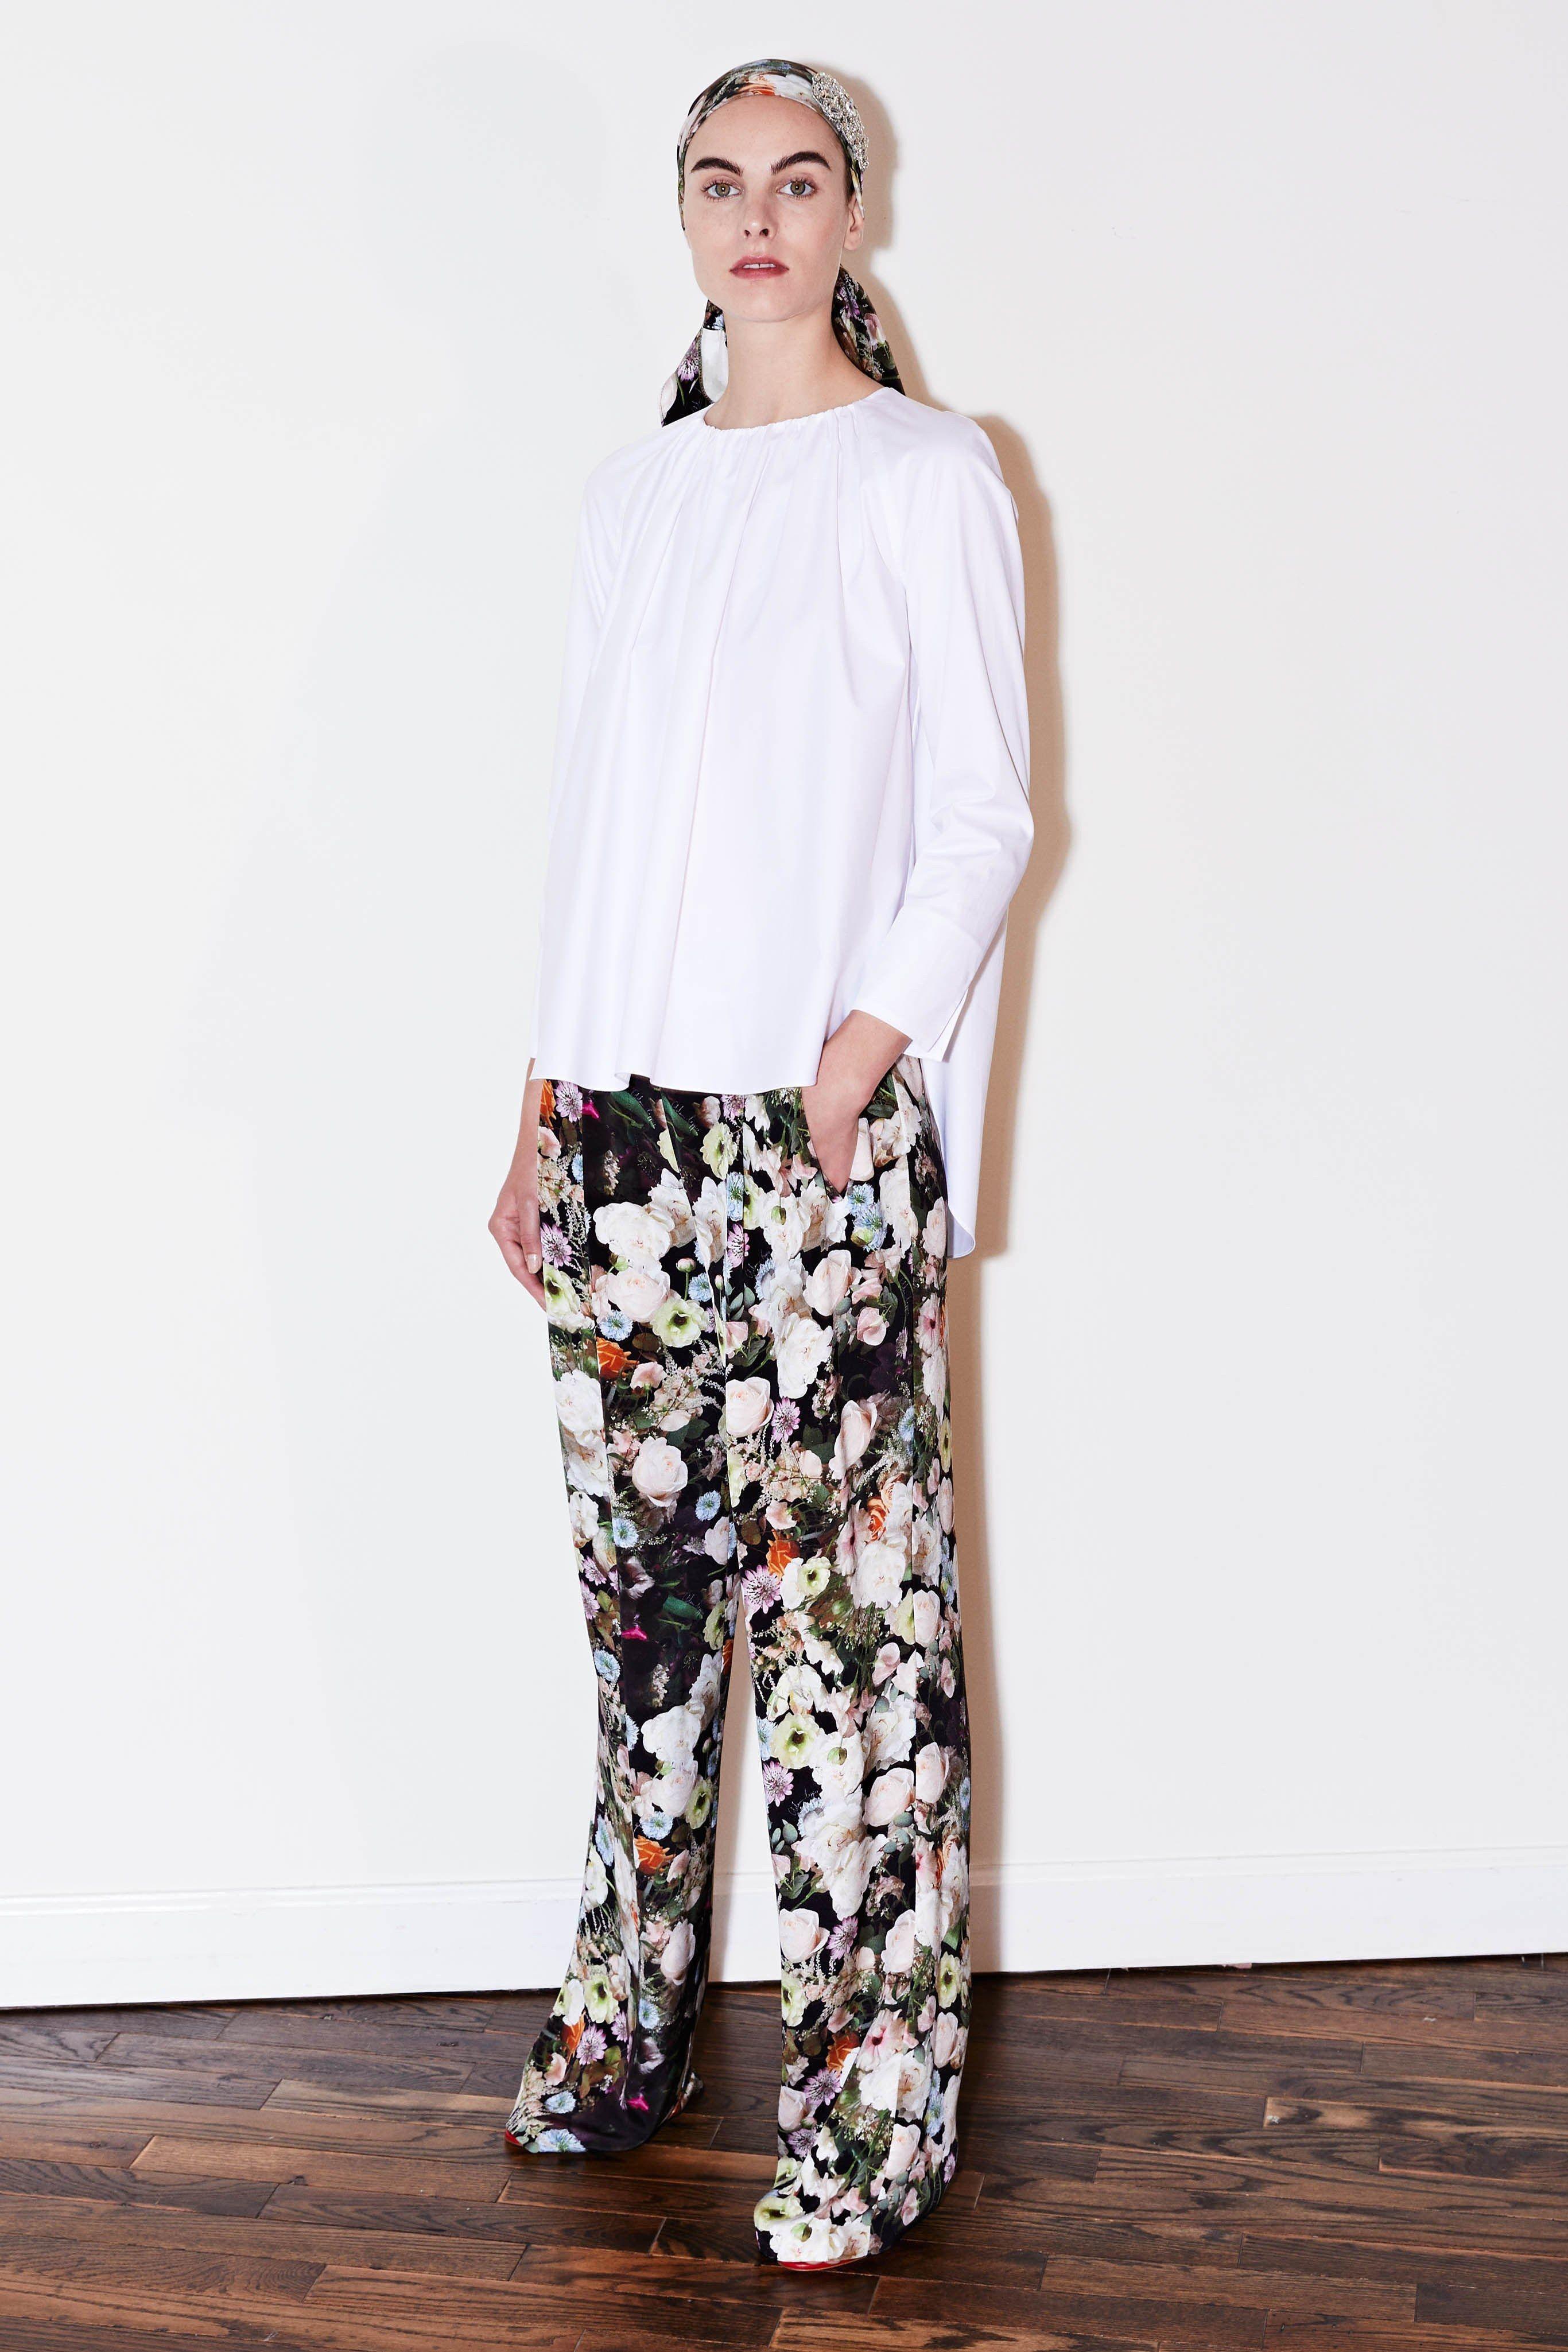 5a9a0e835d6d8 Adam Lippes Resort 2019 New York Collection - Vogue